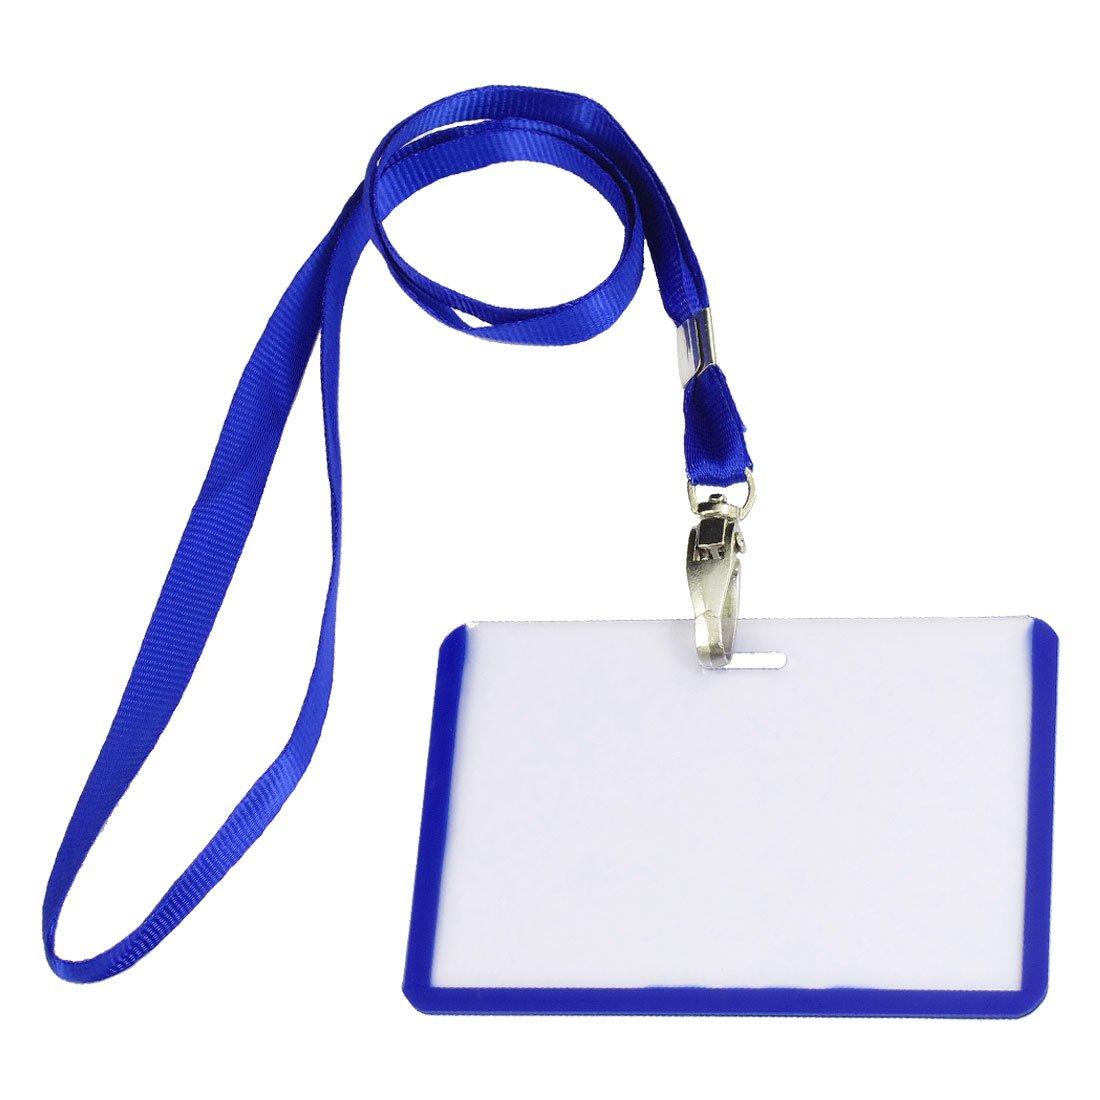 Гаджет  Botique 2 Pcs School Office Blue Lanyard Horizontal B8 ID Name Badge Card Holders None Офисные и Школьные принадлежности